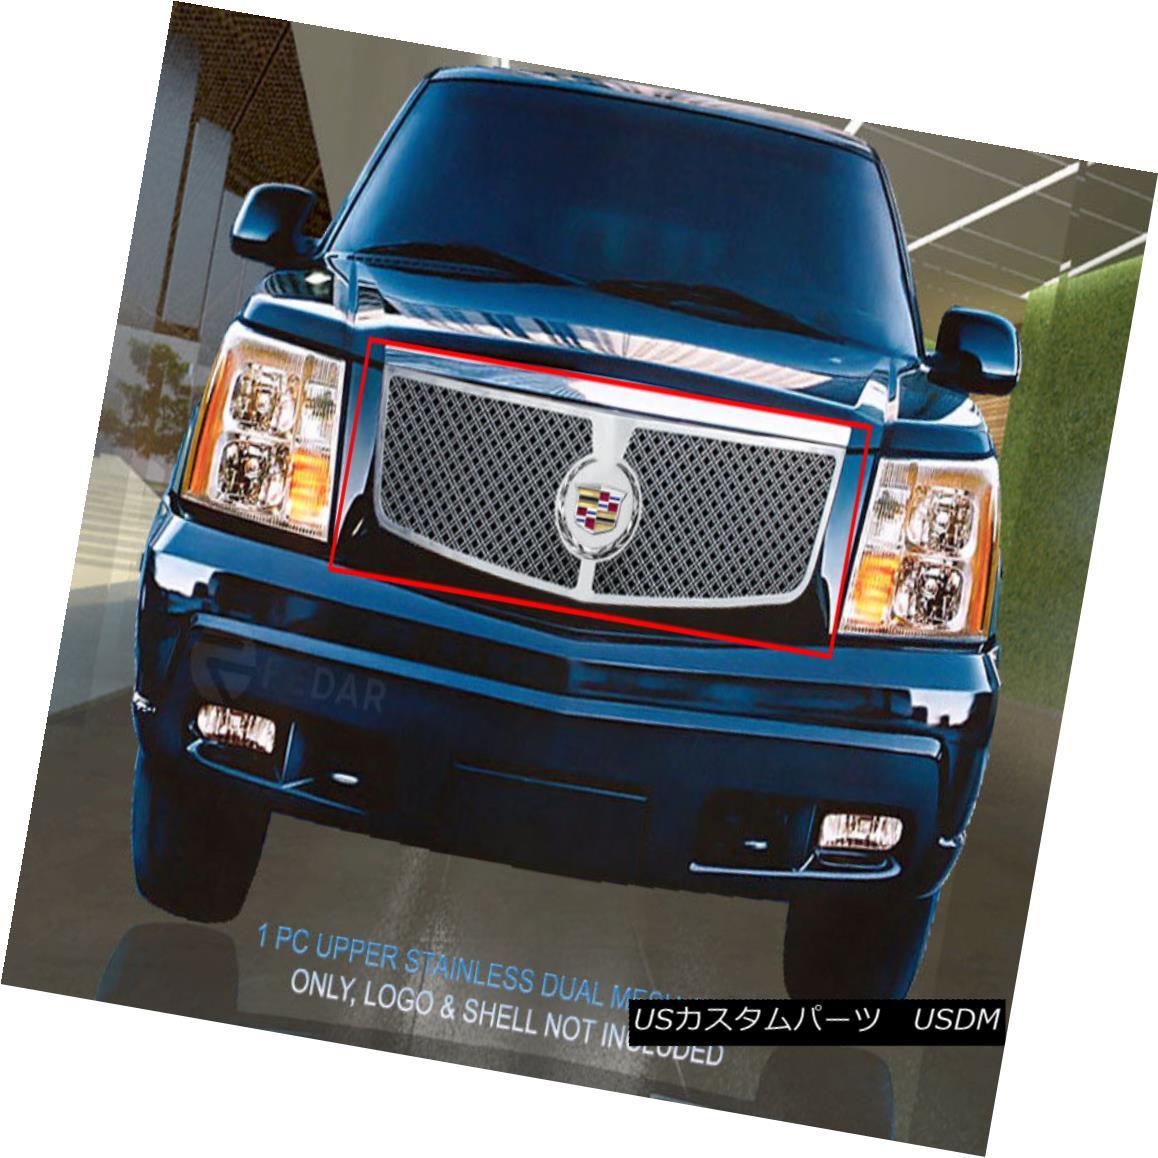 グリル 02-06 Cadillac Escalade Stainless Steel Dual Mesh Grille Grill Insert Fedar 02-06キャデラックエスカレードステンレススチールデュアルメッシュグリルグリルインサートフェルダー